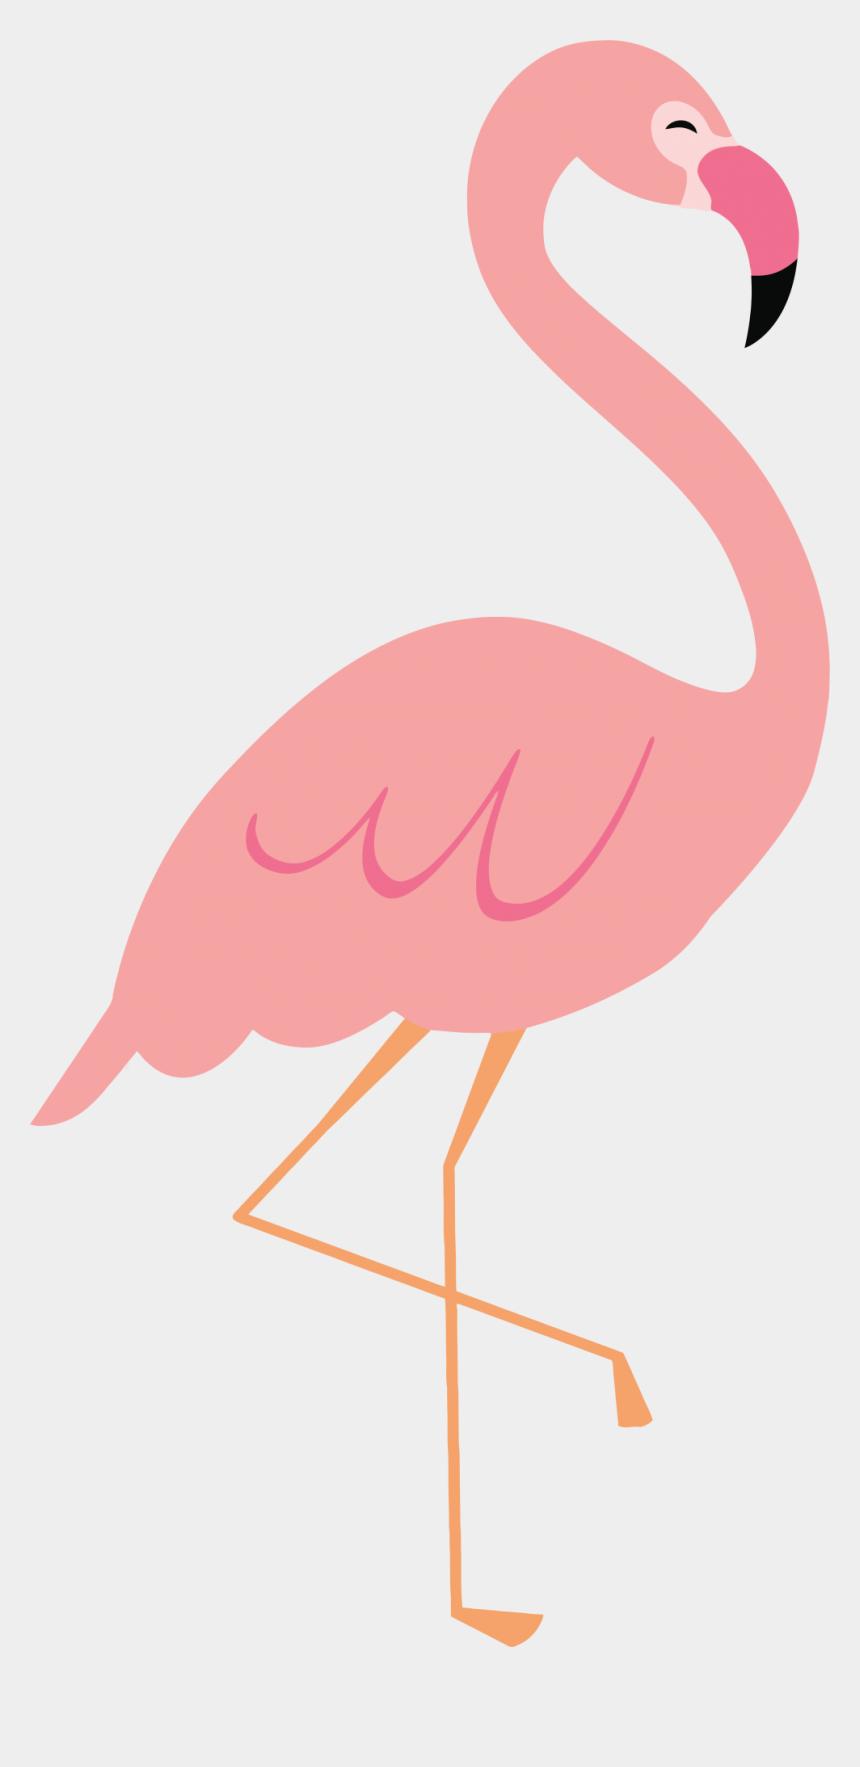 flamingo clip art, Cartoons - Flamingo Clip File - Flamingo 2